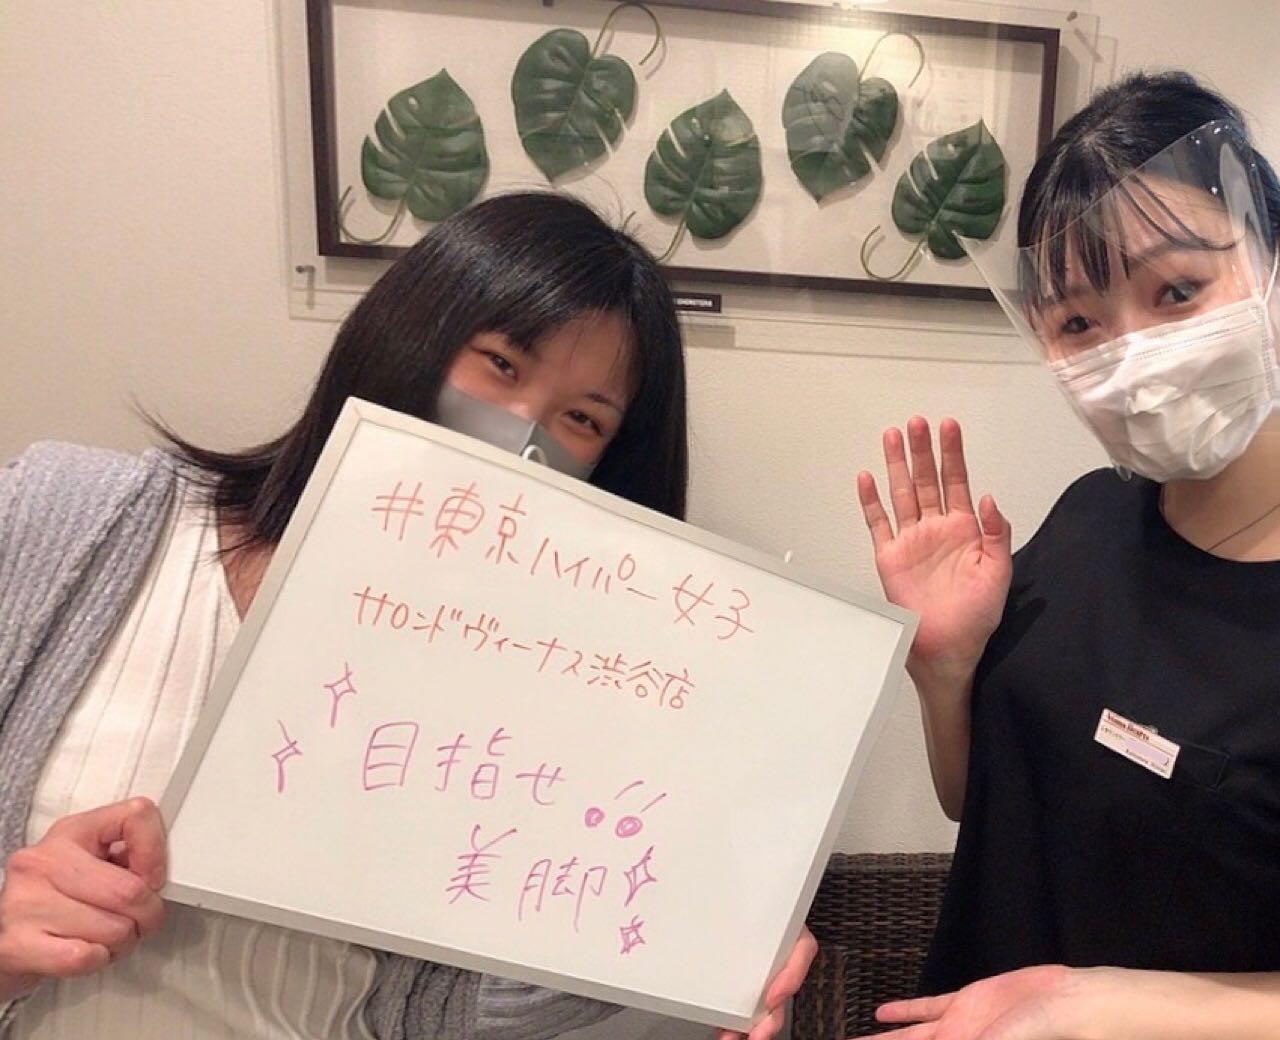 サロンドヴィーナスオルティア渋谷本店 ・ ノンエフクリーム愛用中のH様 ボディ&フェイシャルのトータルケアで 全身美ボディをゲット出来るよう 一緒に頑張って下さり嬉しいです🥰 お仕事の疲れもすっきりデトックスして頂けるよう これからも全力でサポートさせて頂きます❣️❣️ ・ #ハイパーナイフ #ハイパーナイフ直営店 #東京ハイパー女子 #ハイパーシェイプ #ハイパーウェーブ #ハイパーシリーズコンプリートサロン #エスグラ #ダイエット #サロンドヴィーナスオルティア #サロンドヴィーナス渋谷本店 #サロンドヴィーナス